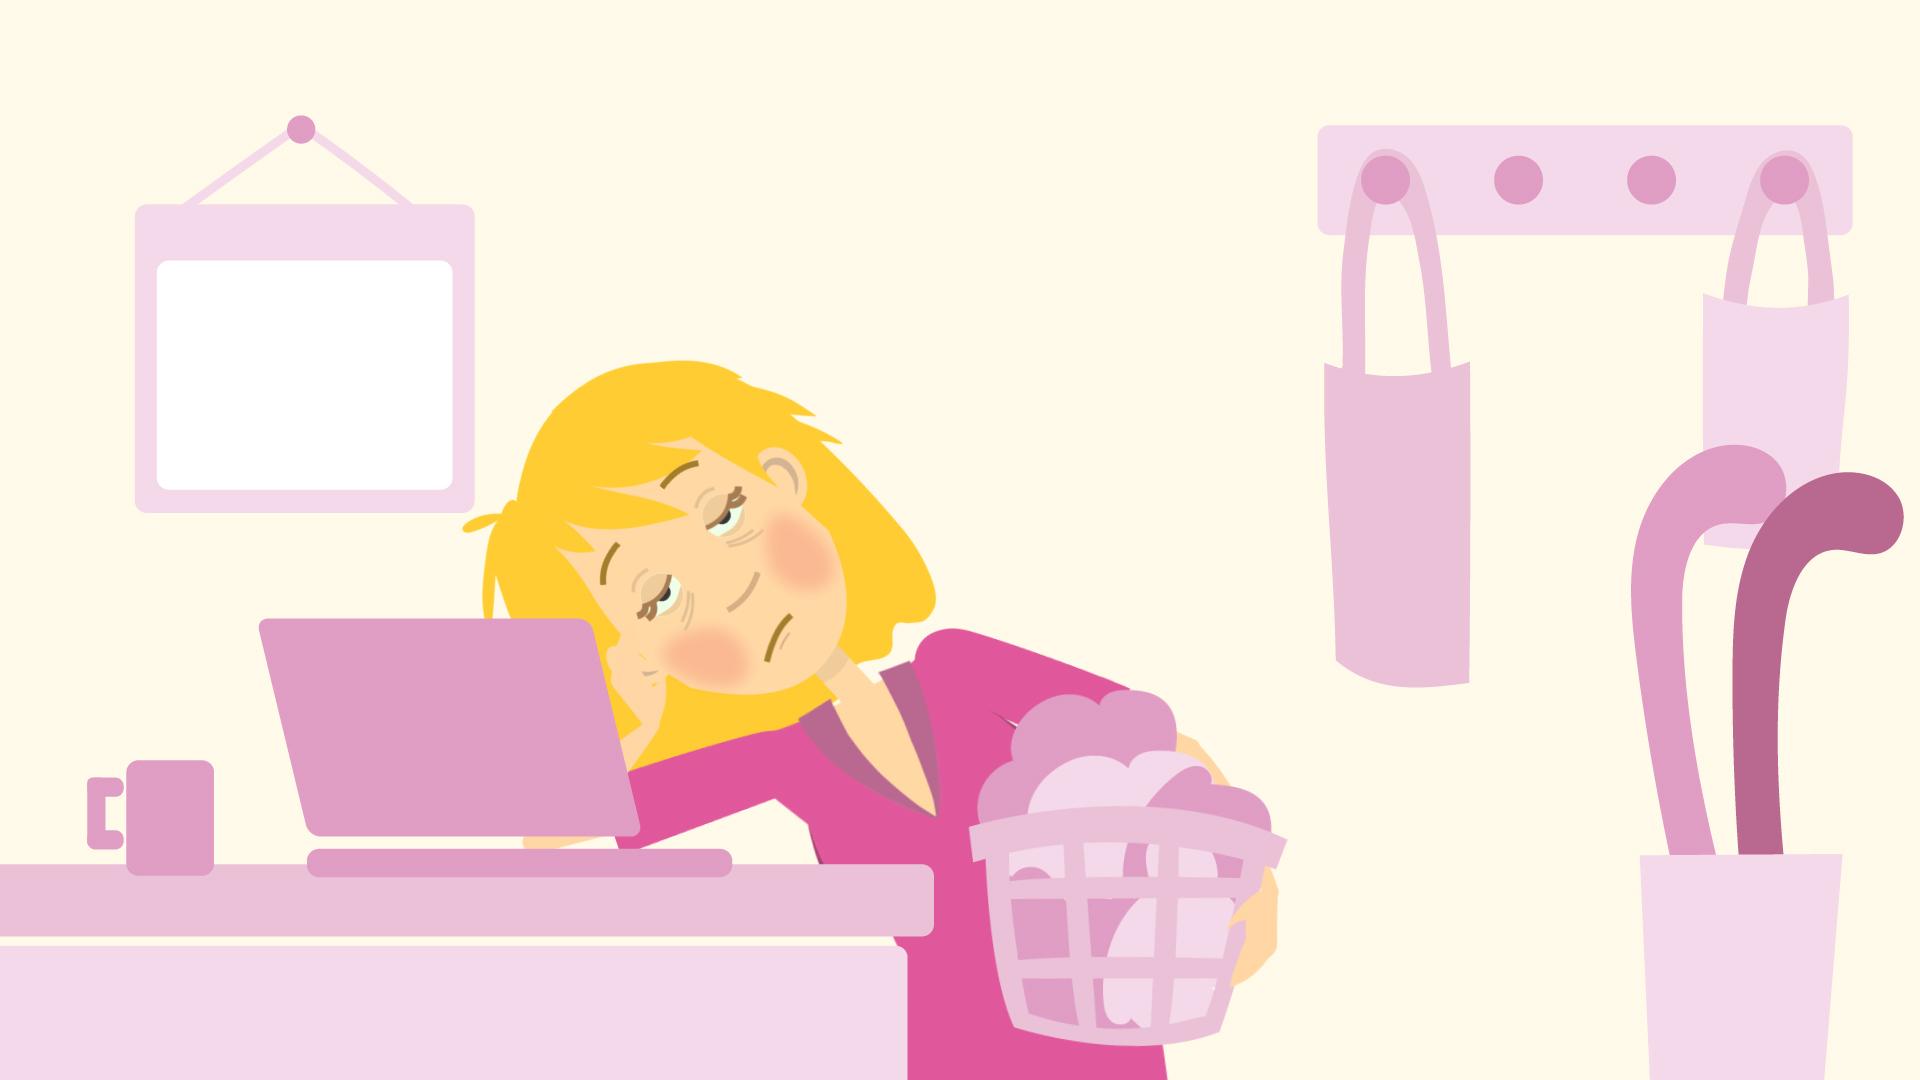 eternal-being-clients-mum-tired-menopause.jpg